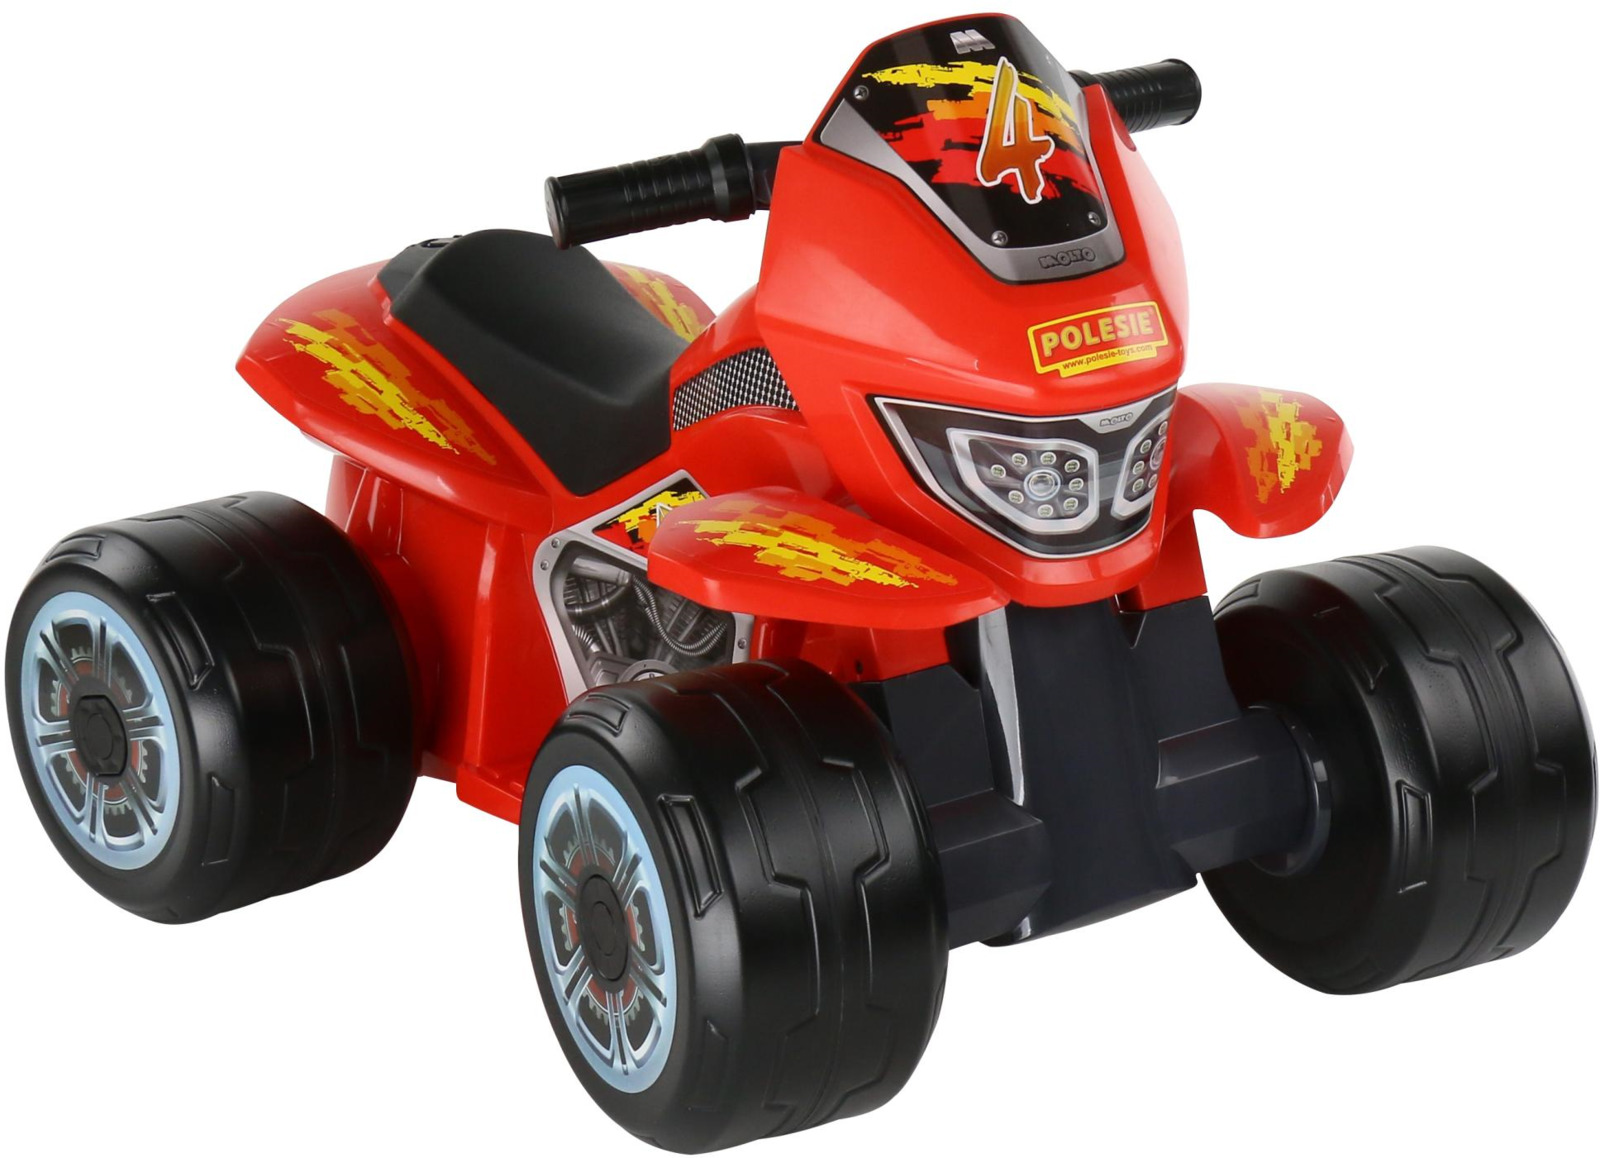 Квадроцикл-мини Полесье Molto, цвет в ассортименте